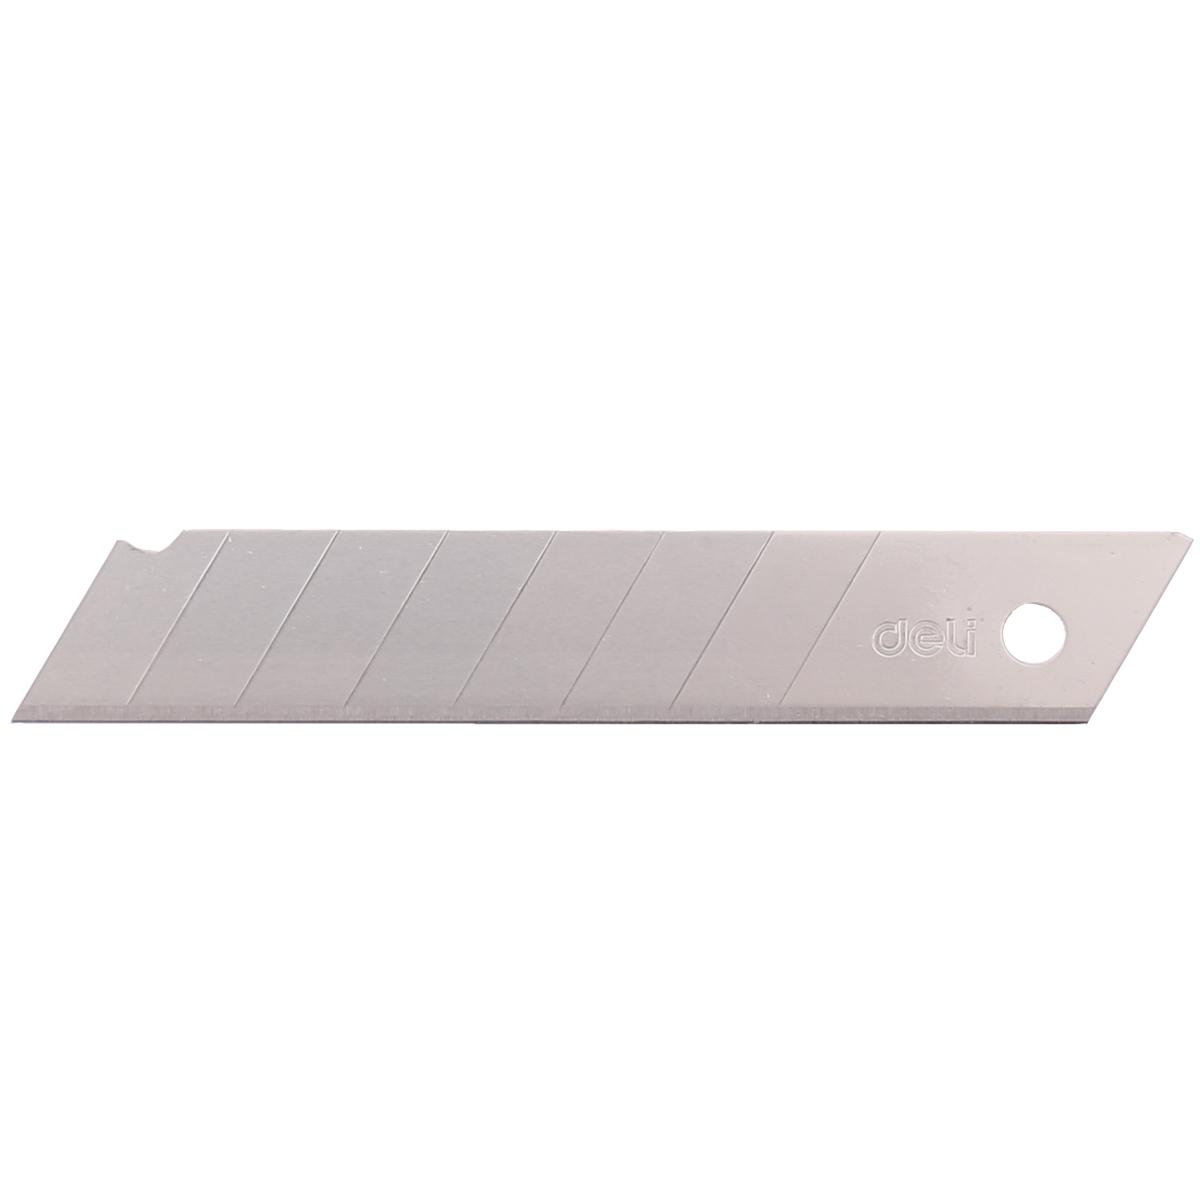 5盒装得力美工刀片18mm大号壁纸刀加厚墙纸刀片裁纸刀片切割刀片